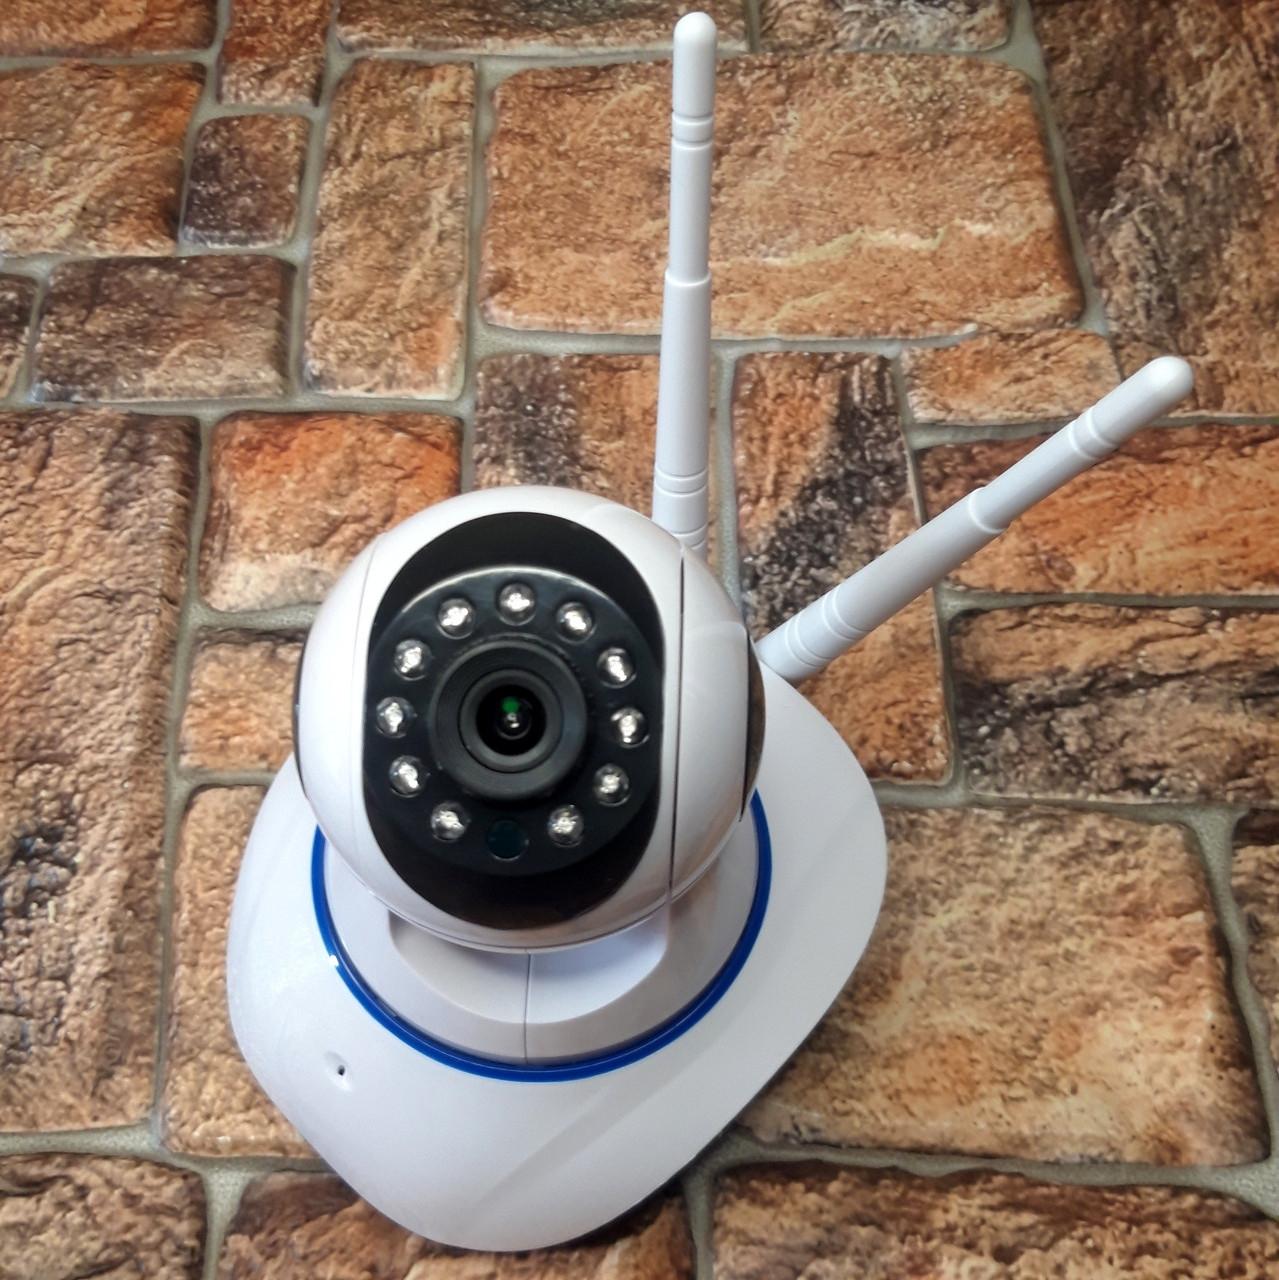 Поворотная IP-камера видеонаблюдения видеоняня Smart Camera Q5 Wi-Fi, управление через телефон (живые фото)